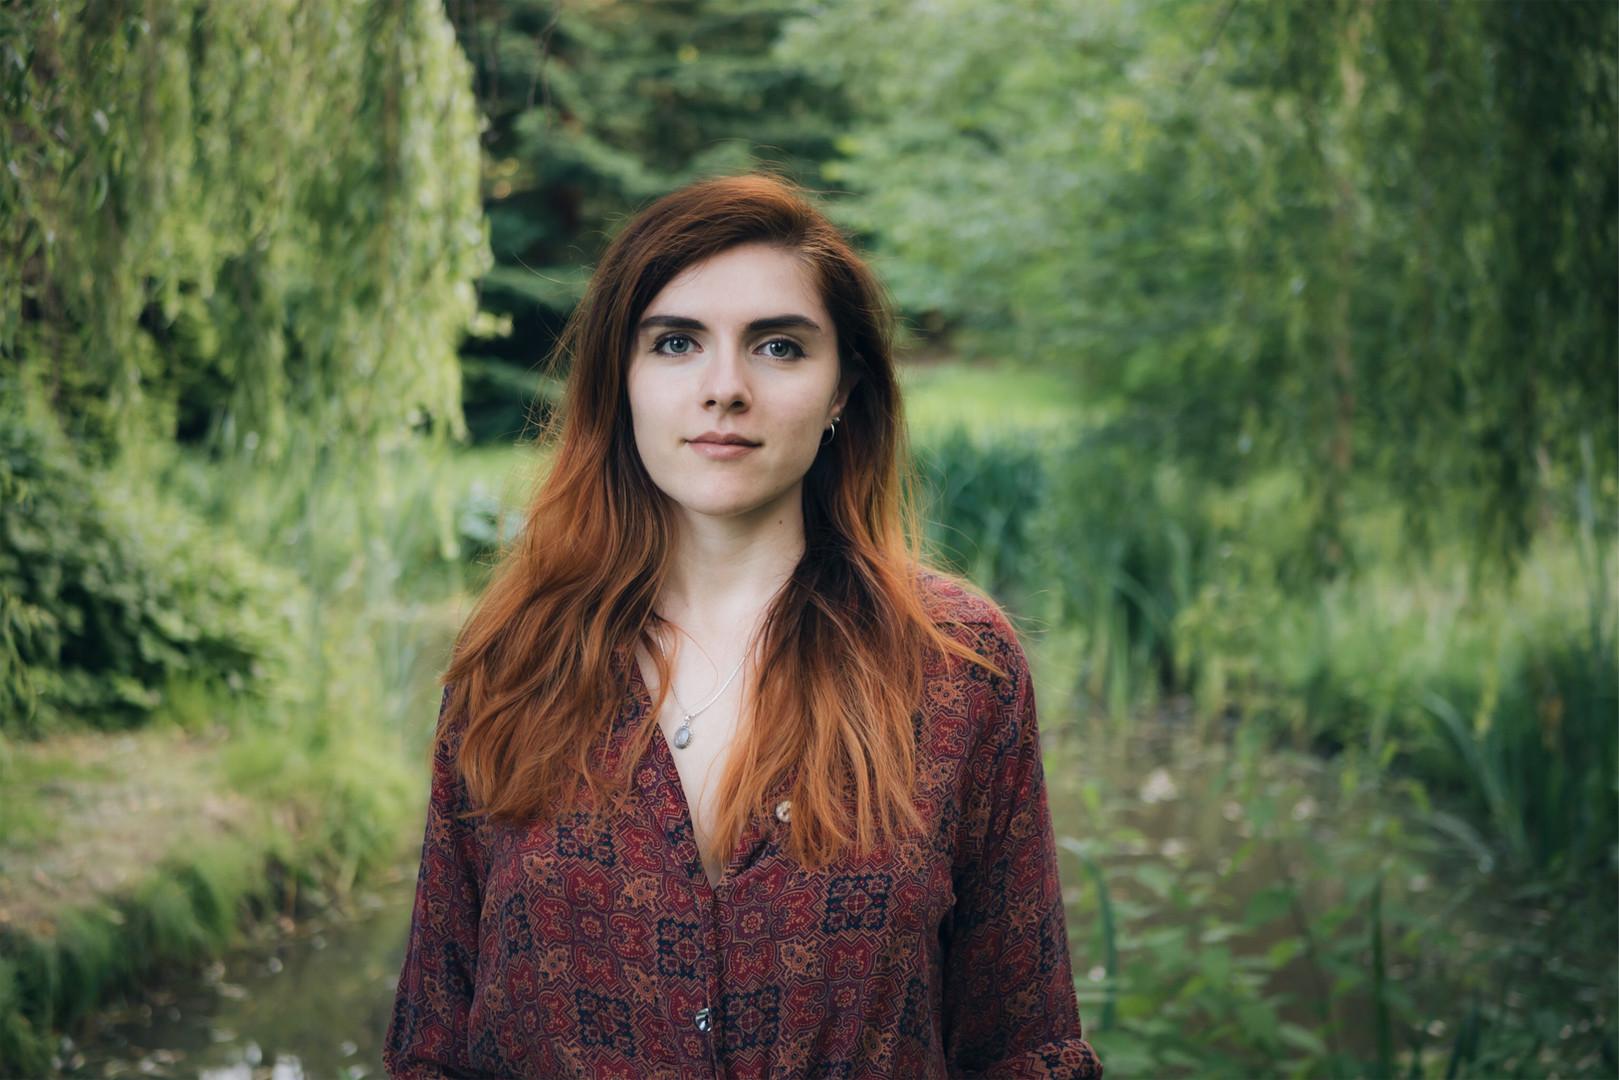 Gabriella Tavini - Sydenham Park 3